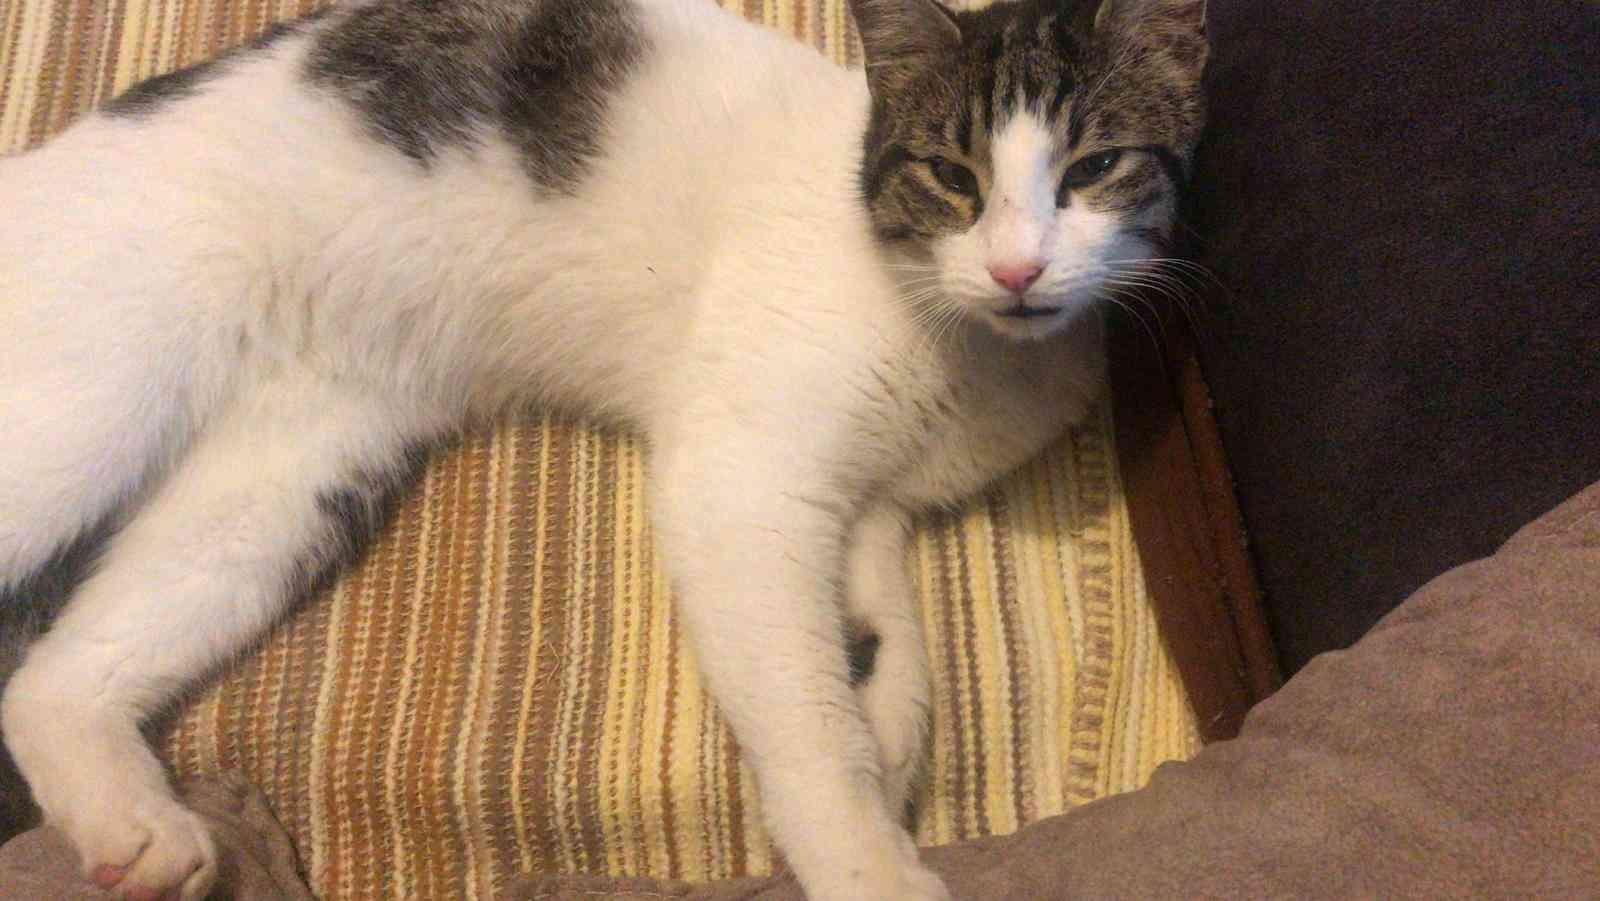 Üsküdar/Küçük Çamlıca - Sahibini Arayan Kedi